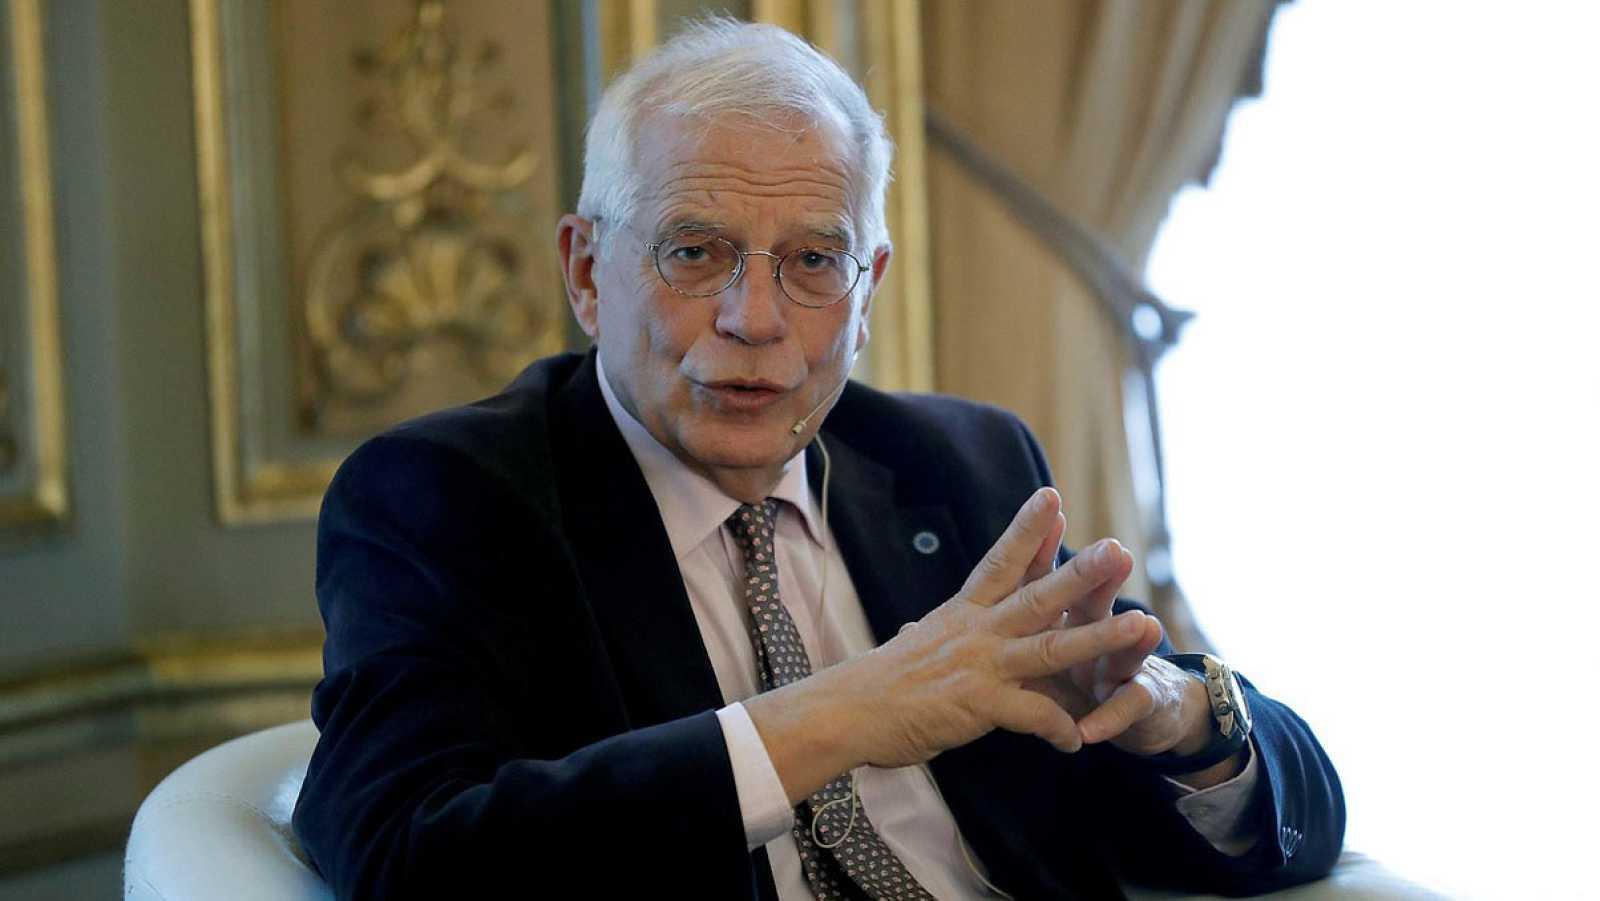 El ministro de Exteriores en funciones JosepBorrellEFE/Zipi